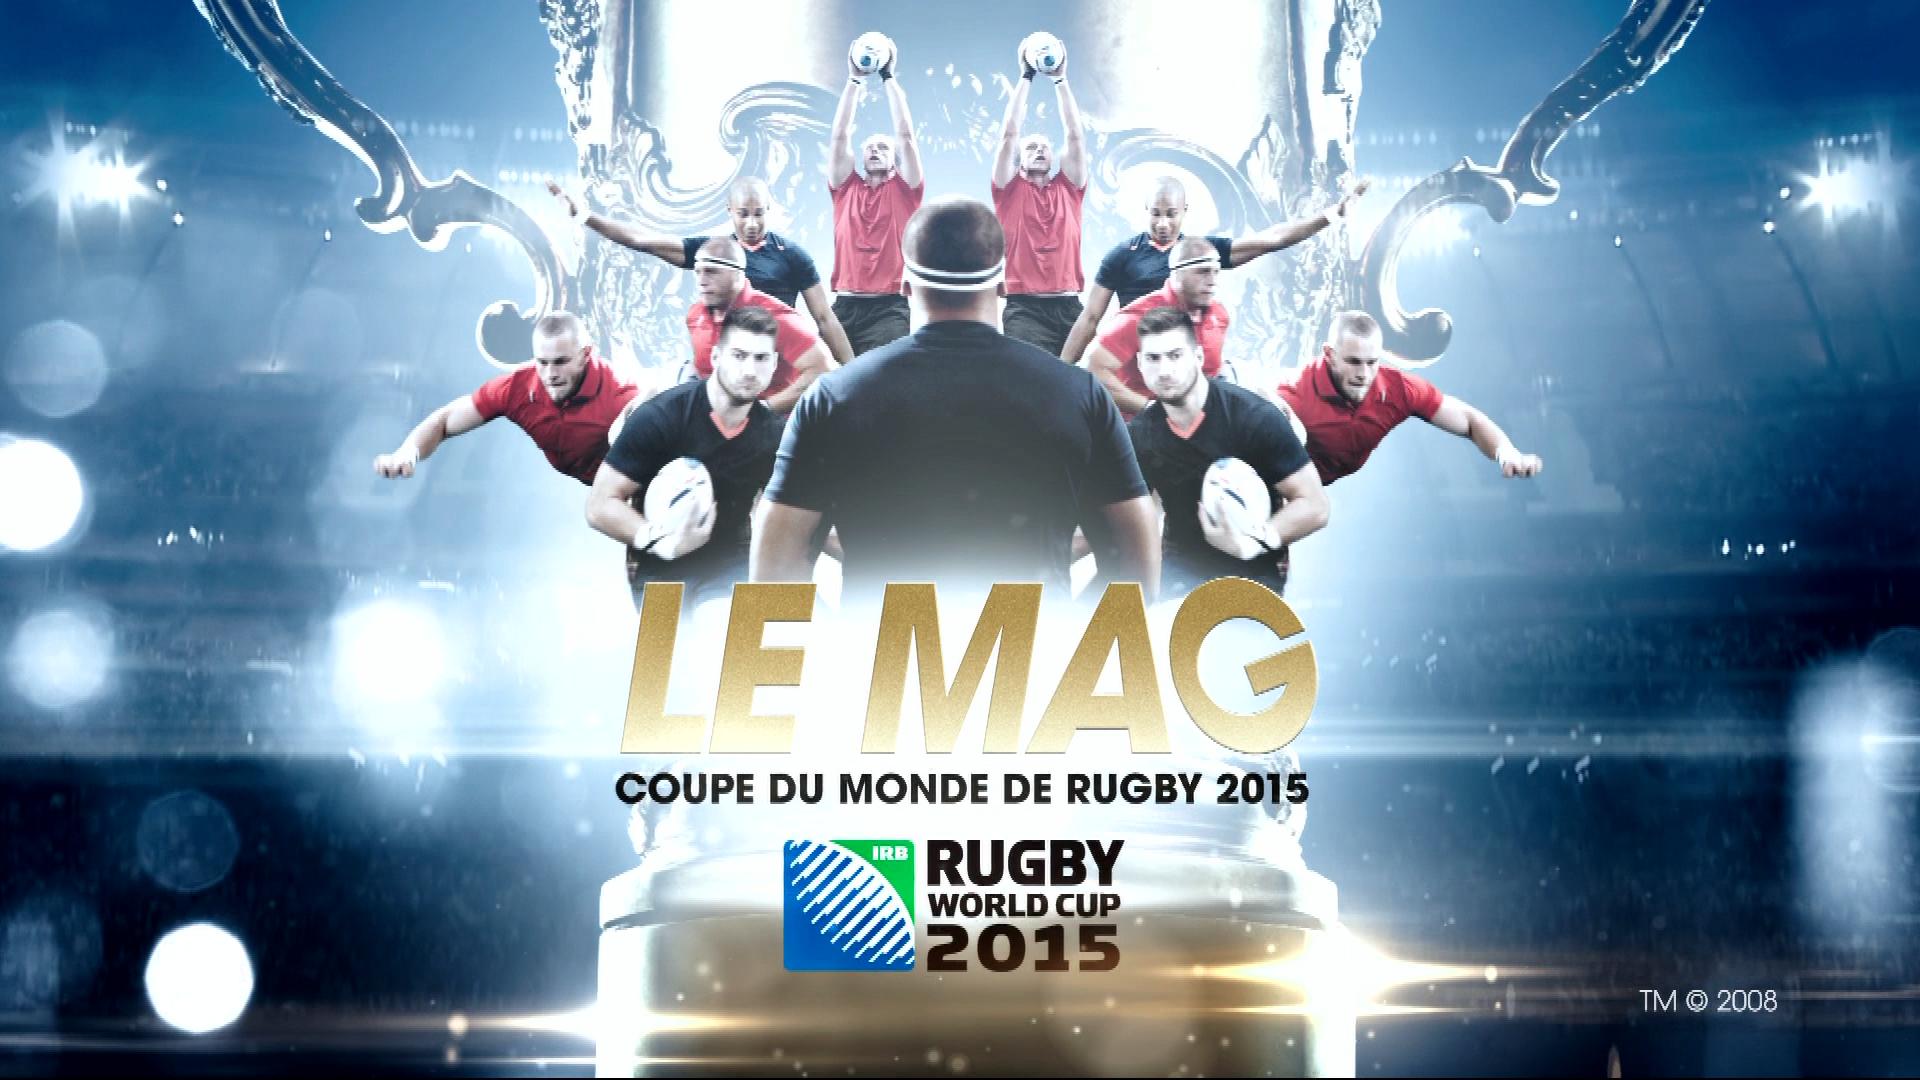 Vid o g n rique coupe du monde de rugby le mag tf1 2015 - Dates coupe du monde de rugby 2015 ...